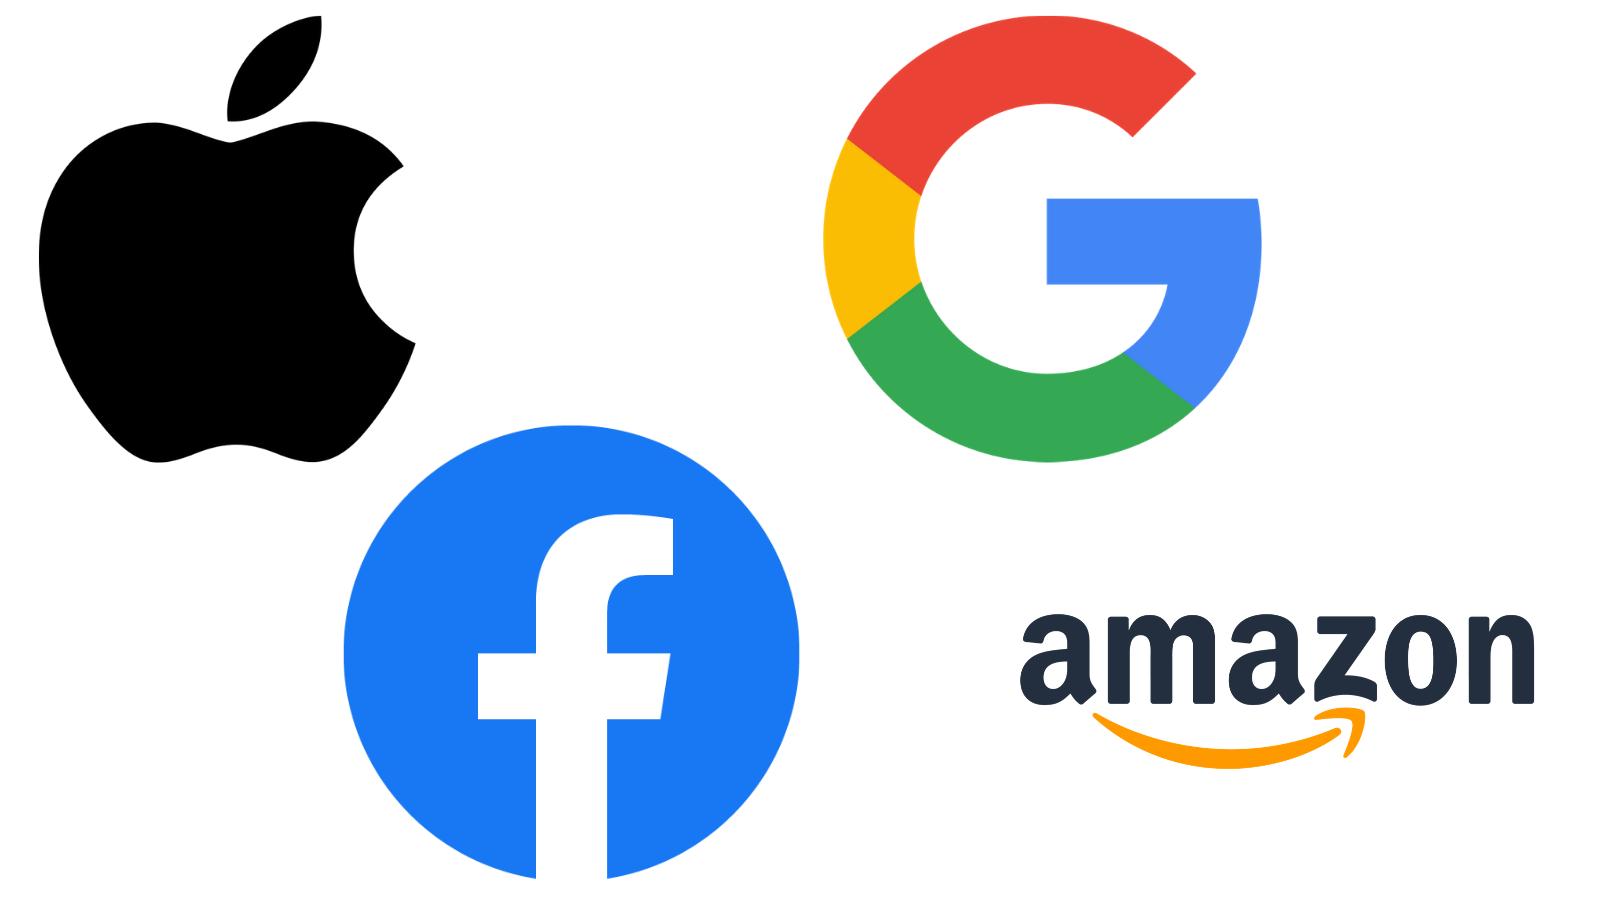 công ty Big Tech